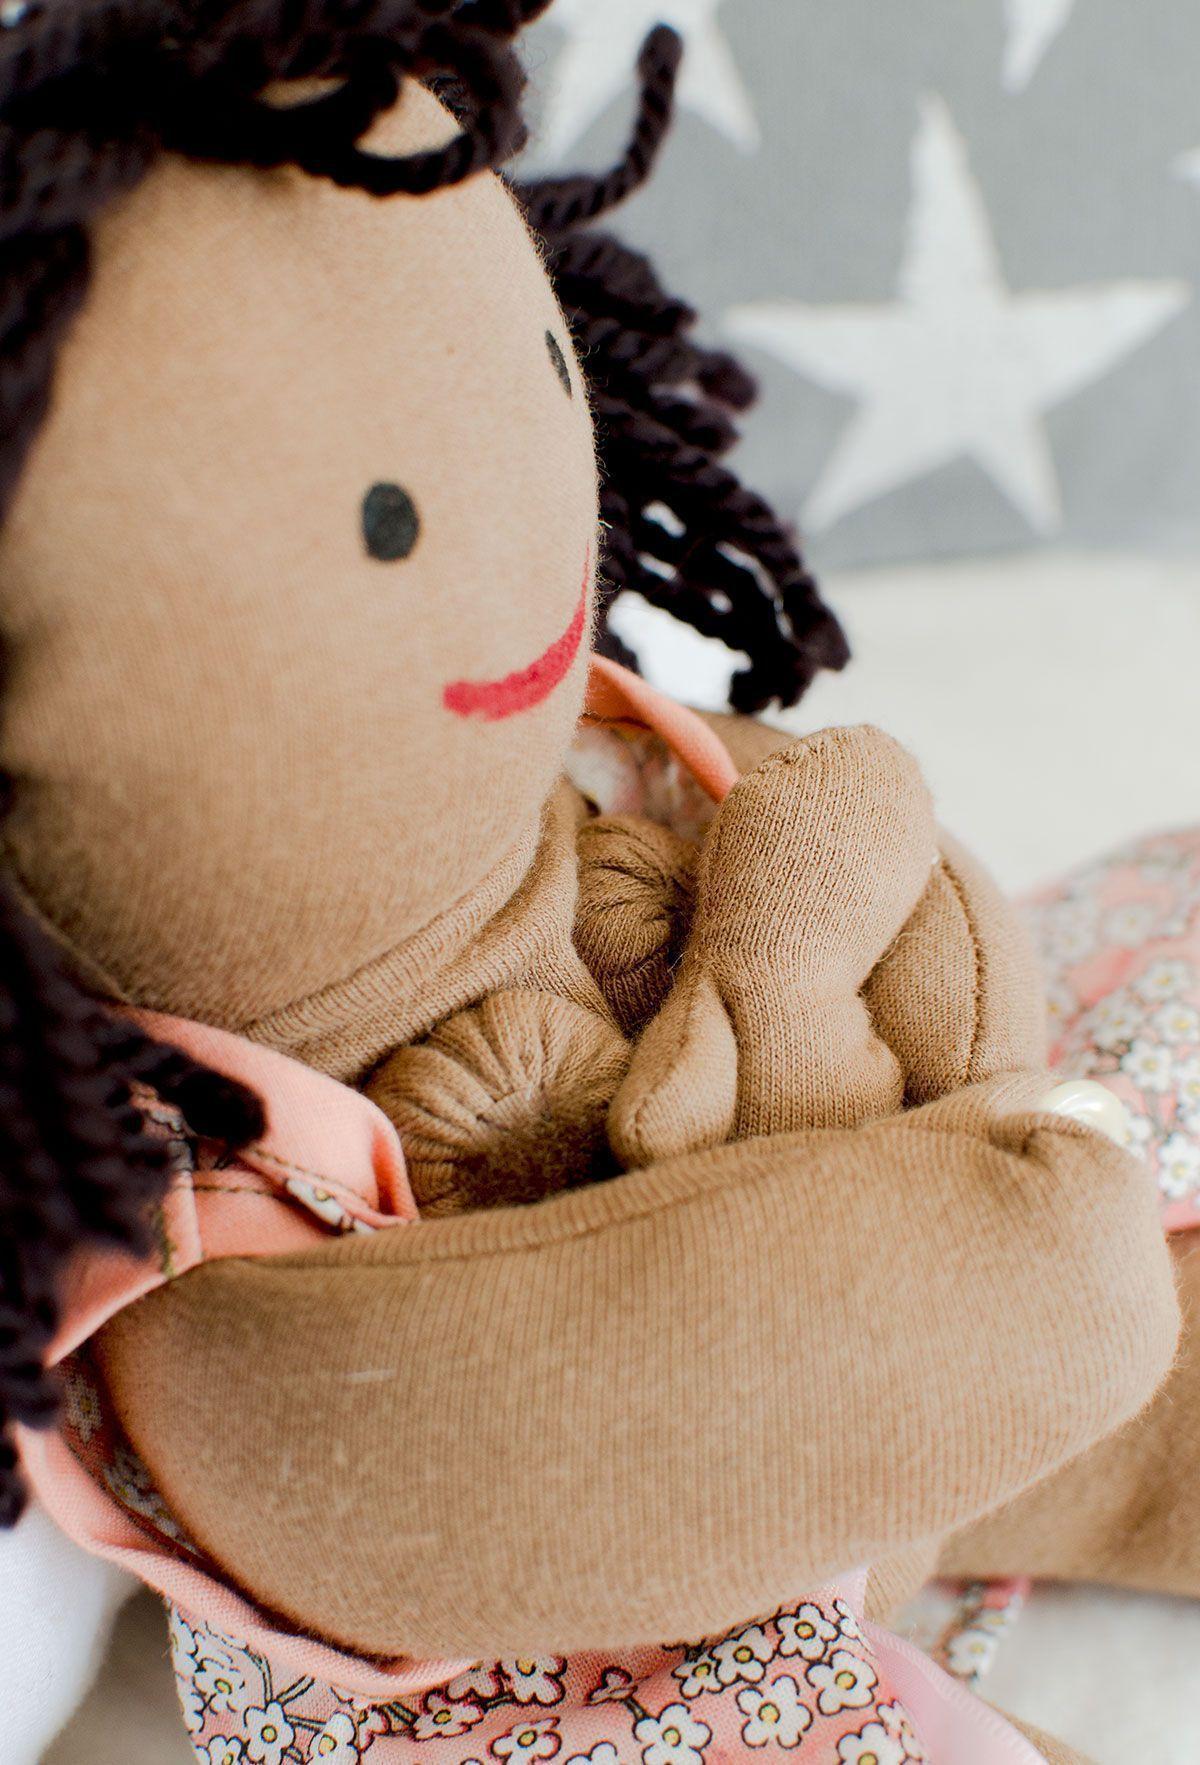 Muñecas de parto y lactancia